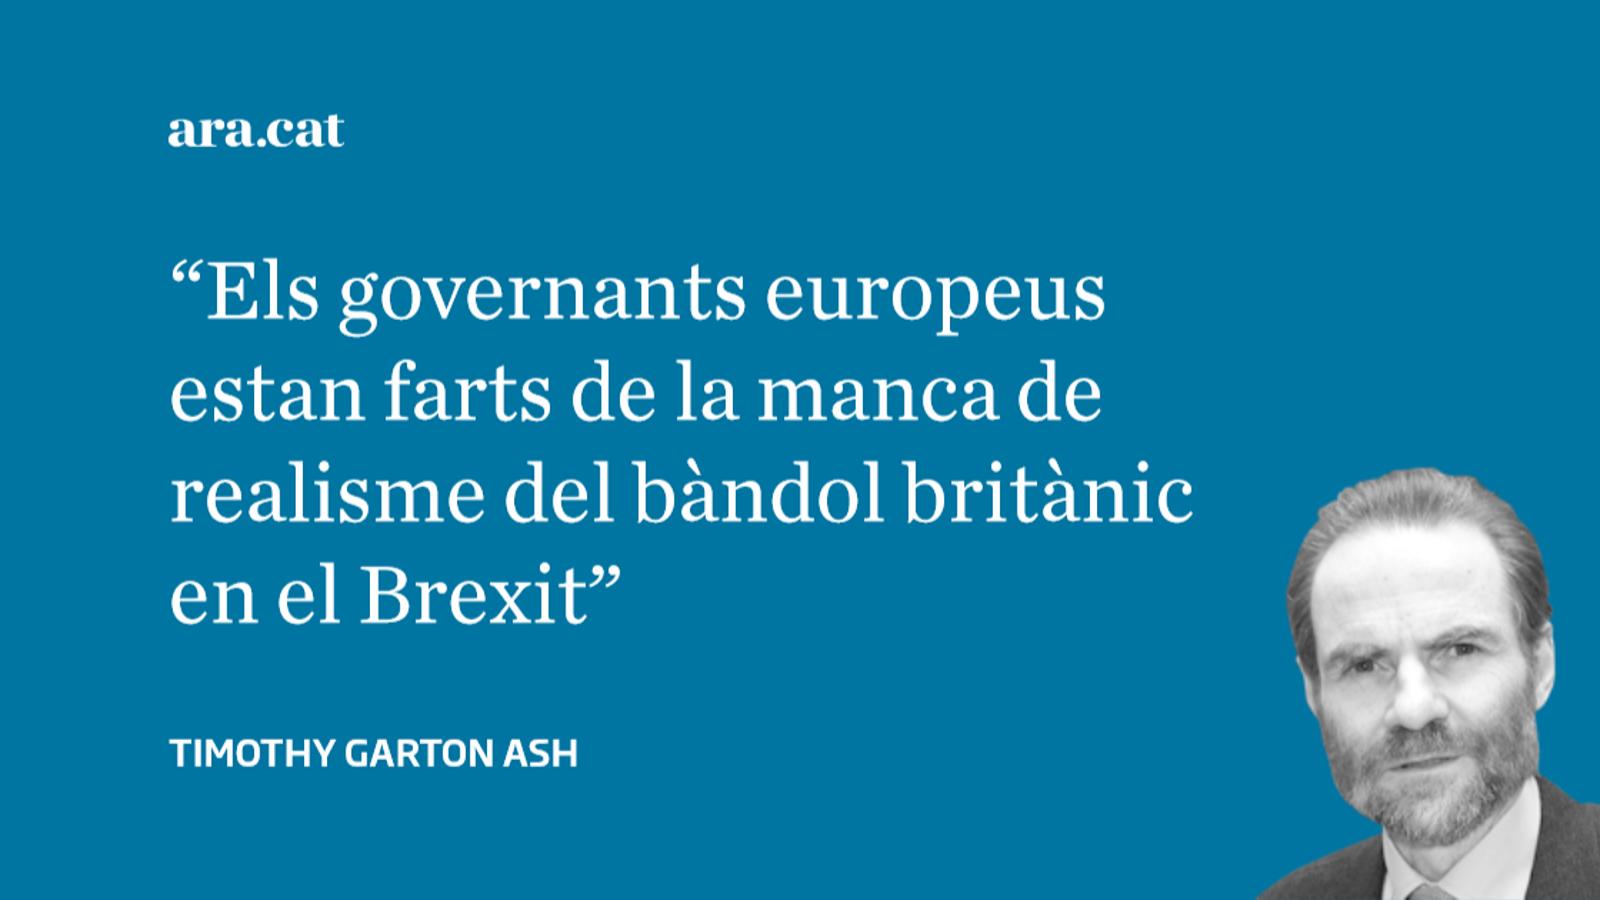 La porta d'Europa encara està oberta per al Regne Unit